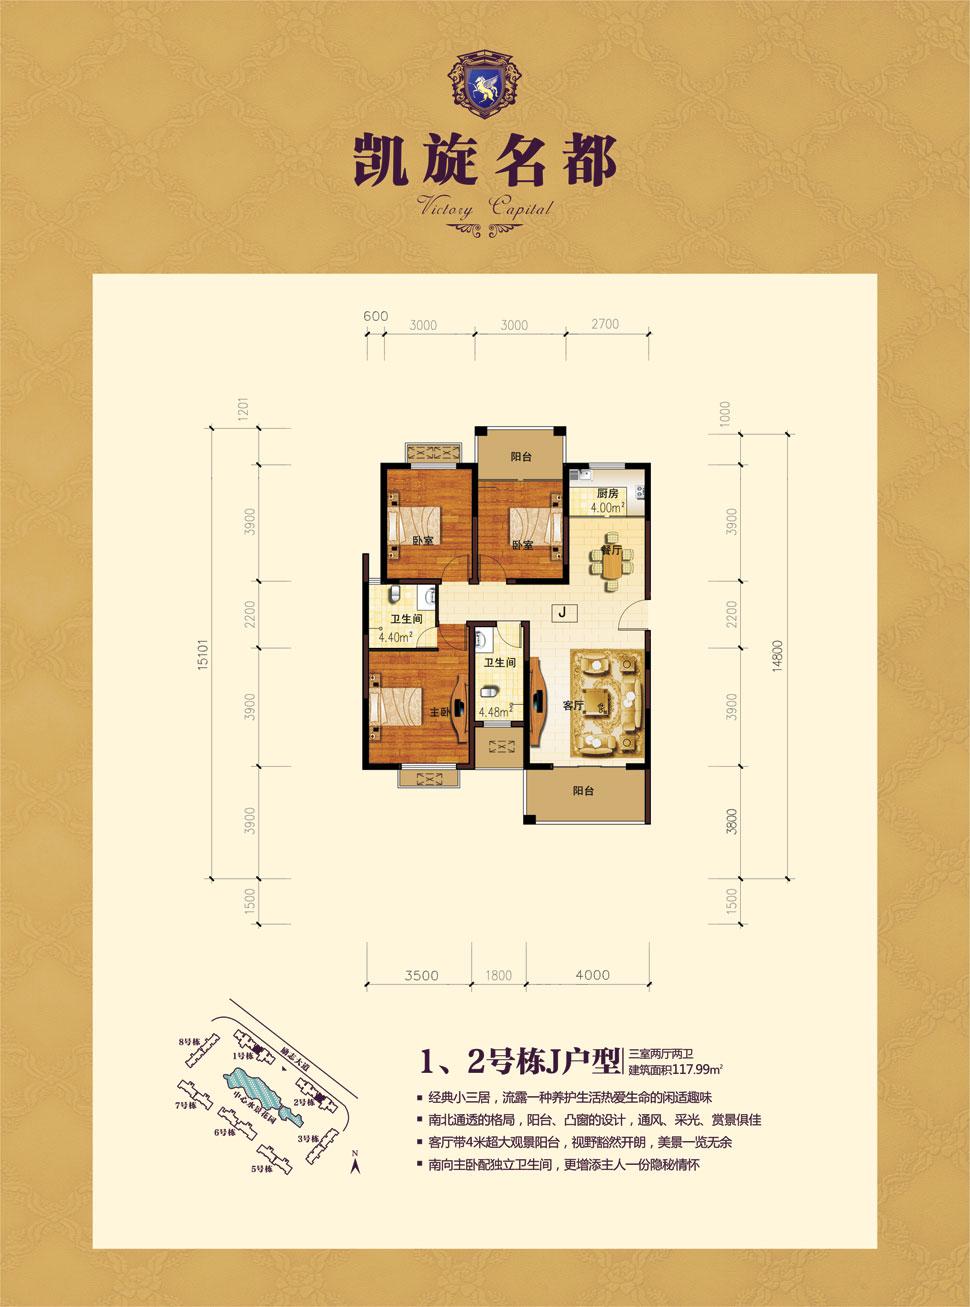 湘乡市凯旋名都设计图展示